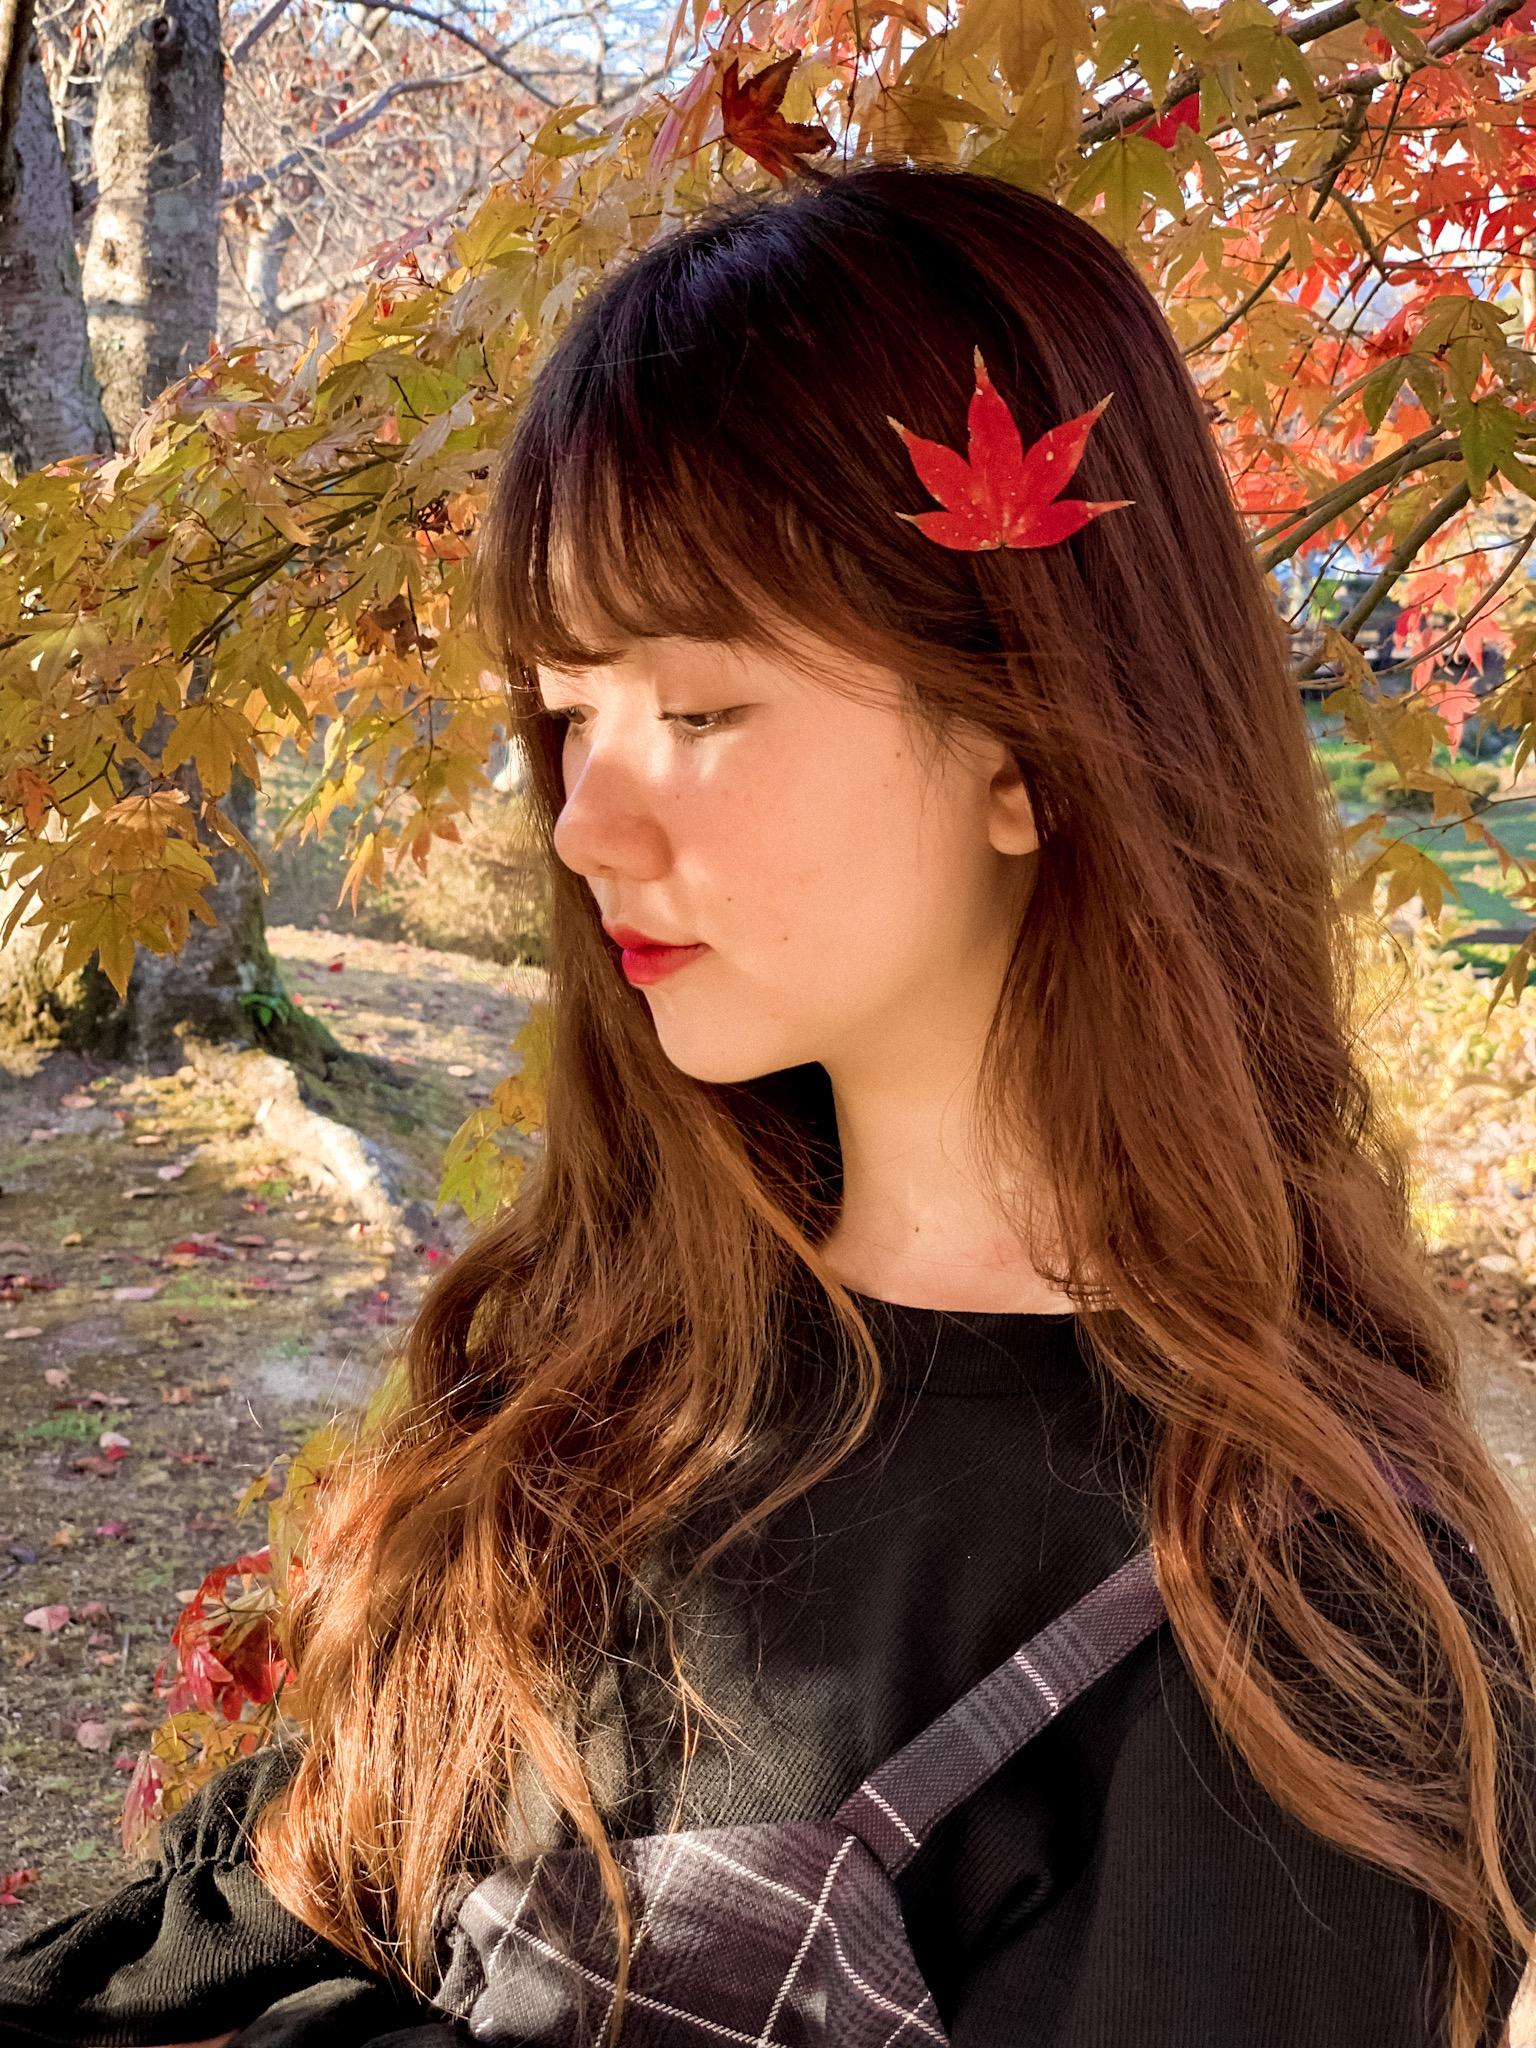 Mai Hải My là du học sinh Việt Nam tại Nhật Bản. Cô gái này cũng sở hữu vẻ ngoài vô cùng xinh xắn